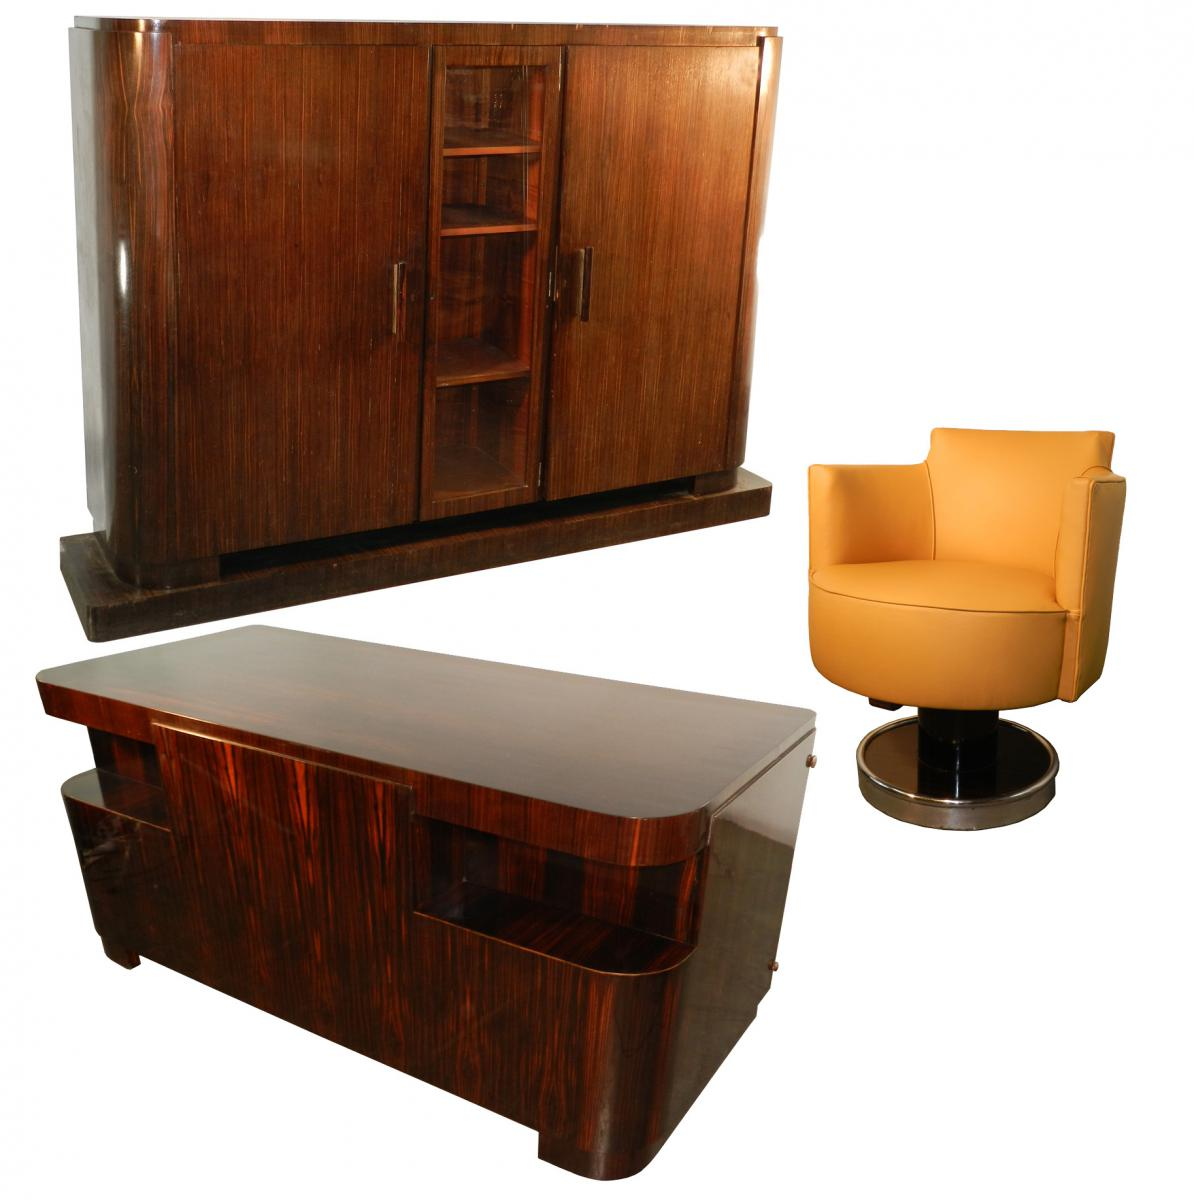 decoene freres cabinet travail d 39 epoque art deco en placage d 39 ebene de macassar bureaux. Black Bedroom Furniture Sets. Home Design Ideas